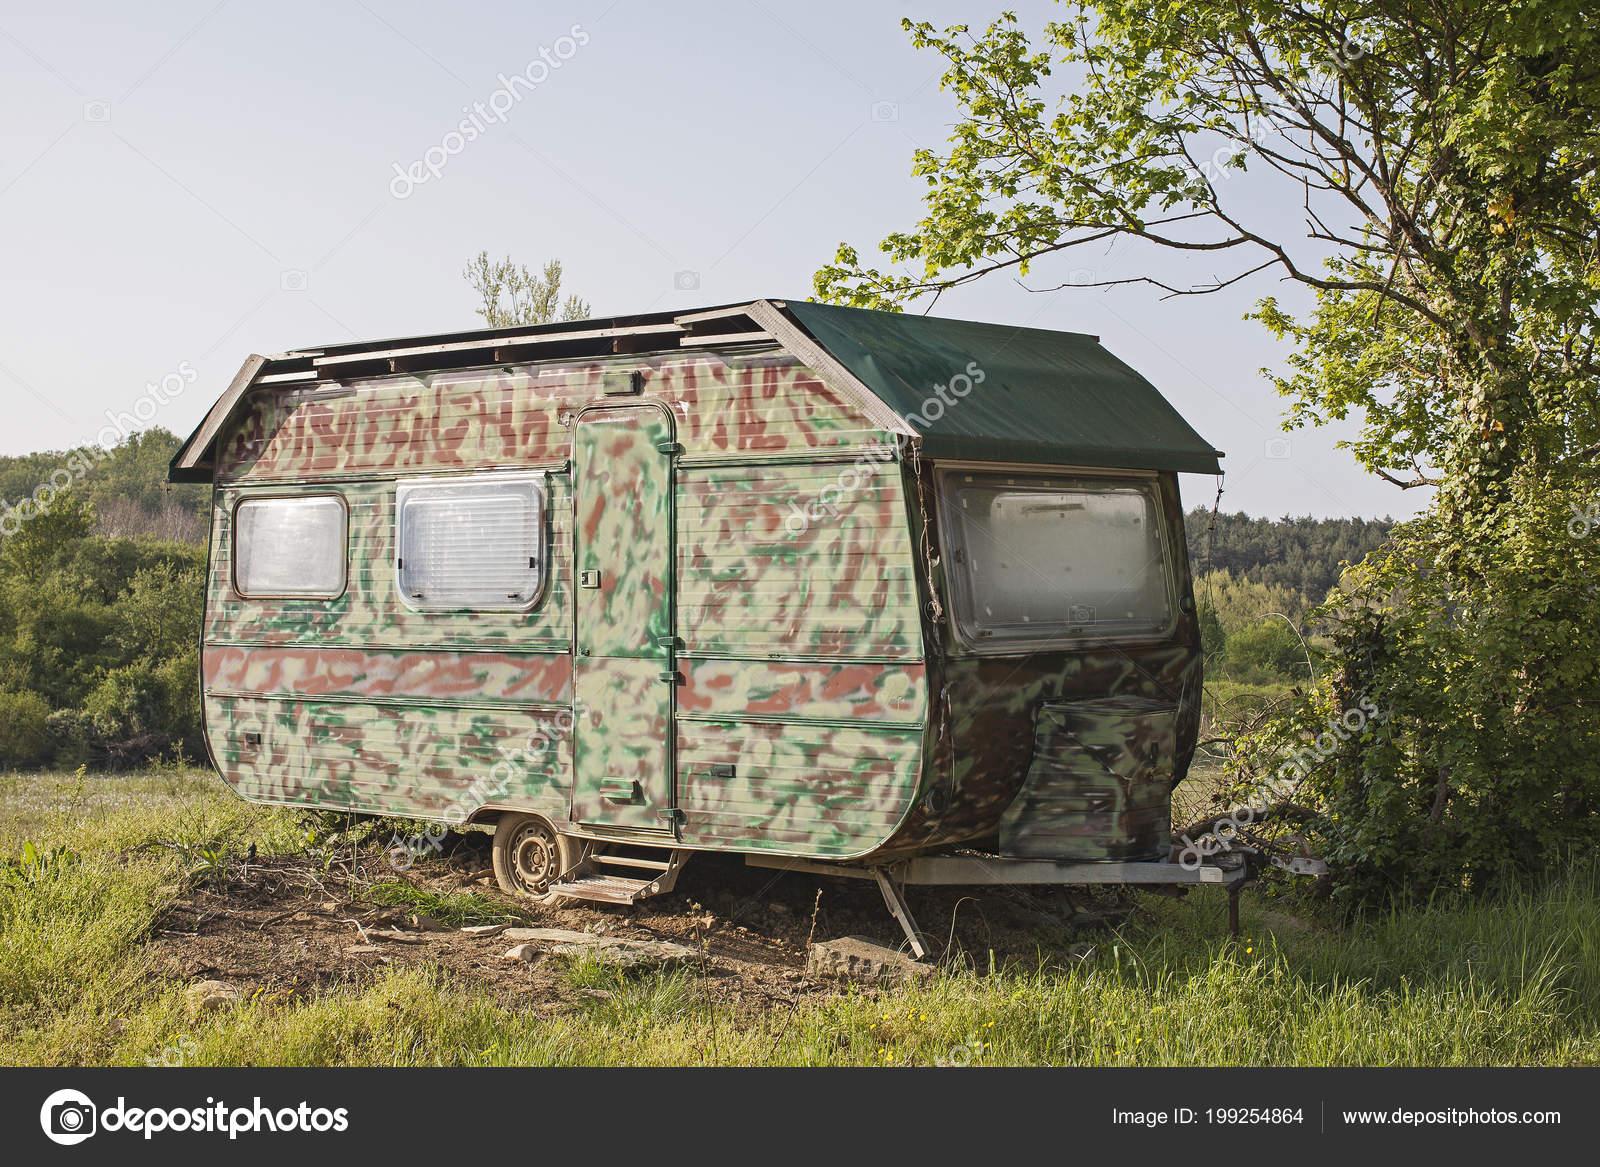 vieille caravane retraite avec peinture camouflage trouve dans d sert photographie tinieder. Black Bedroom Furniture Sets. Home Design Ideas